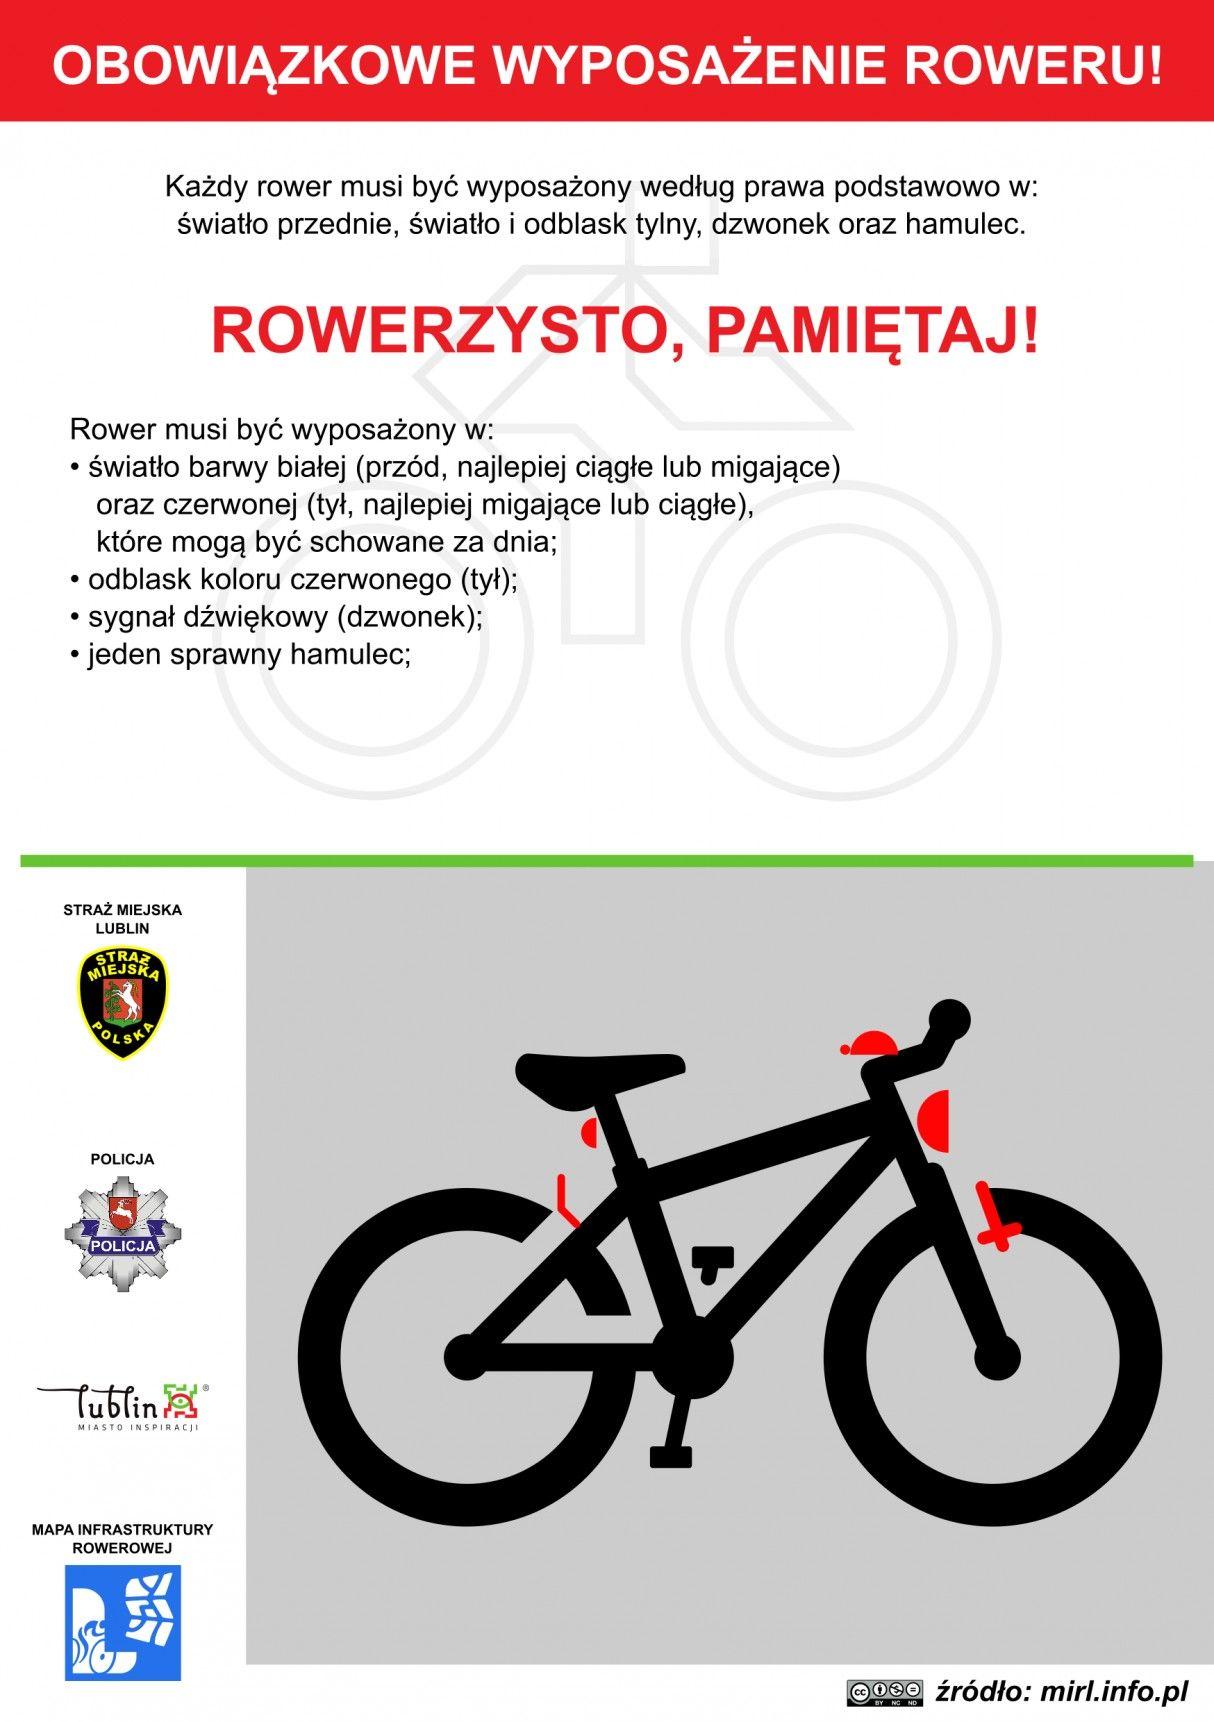 Obowiązkowe wyposażenie roweru! / Mandatory equipment bike! #rower #edukacja #ulotka #infografika #bike #education #leaflet #infographic